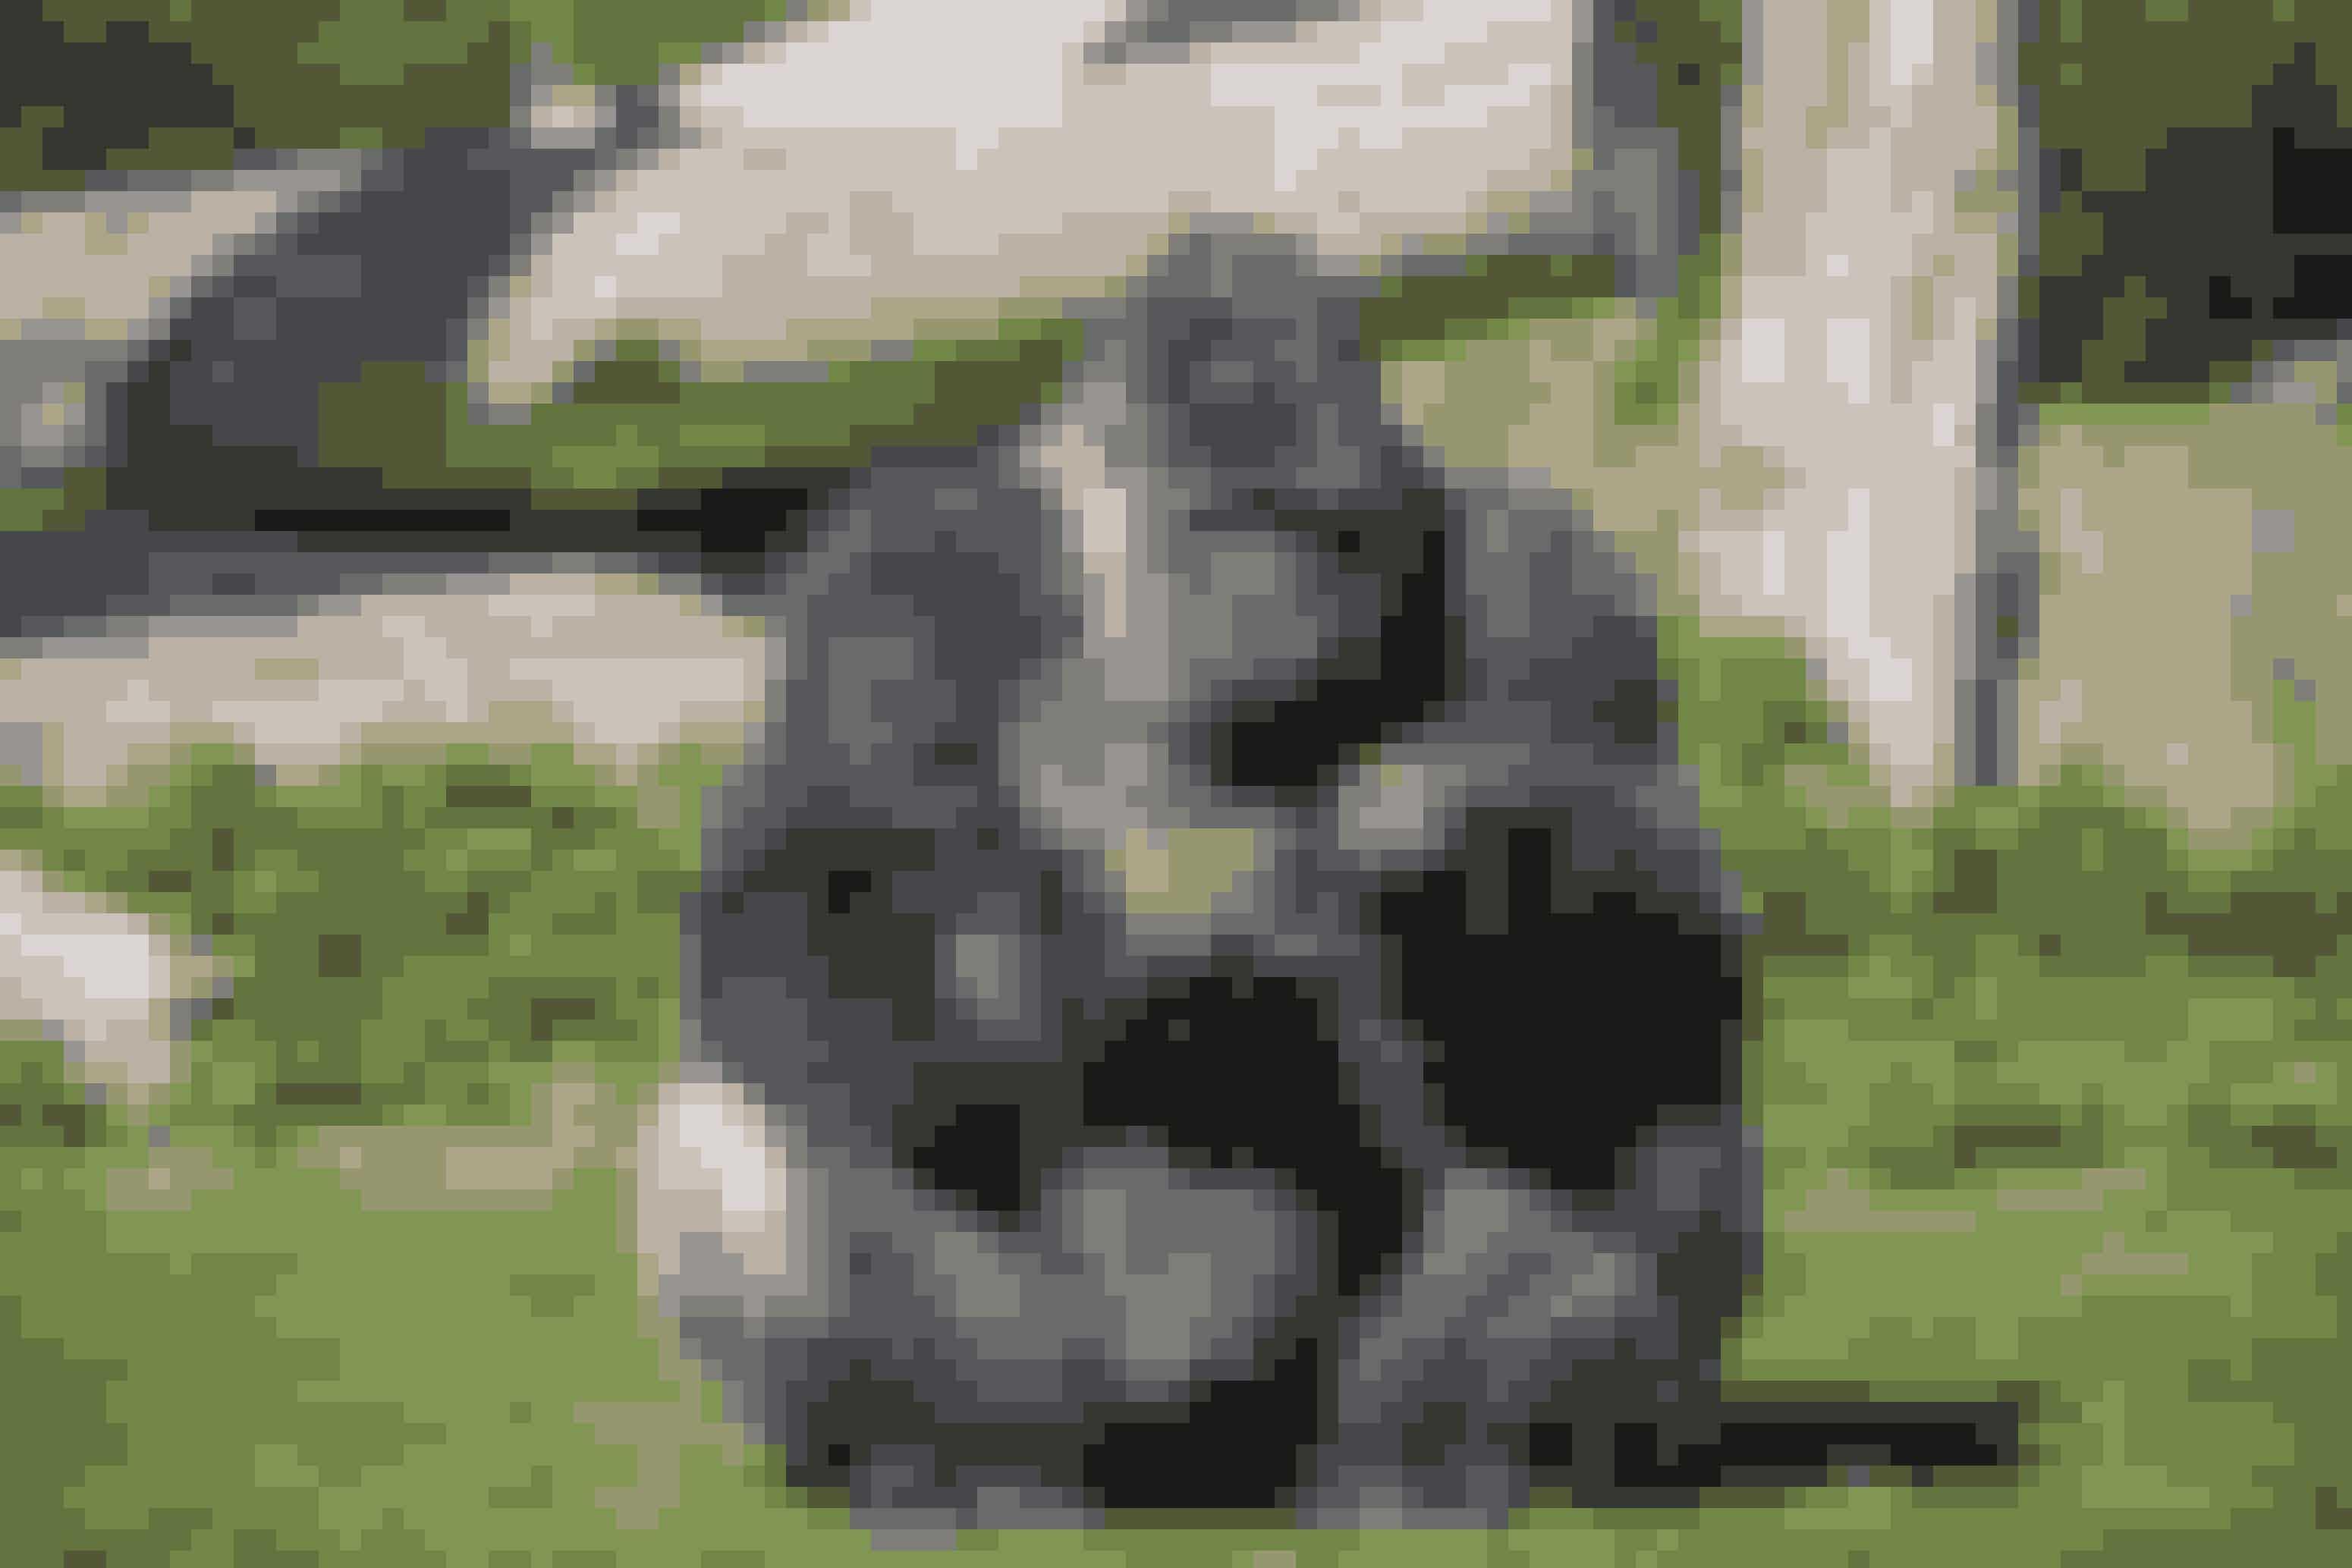 Ulvehylene i serien kommer ikke fra ægte ulve. De er faktisk optaget med gorillaer!